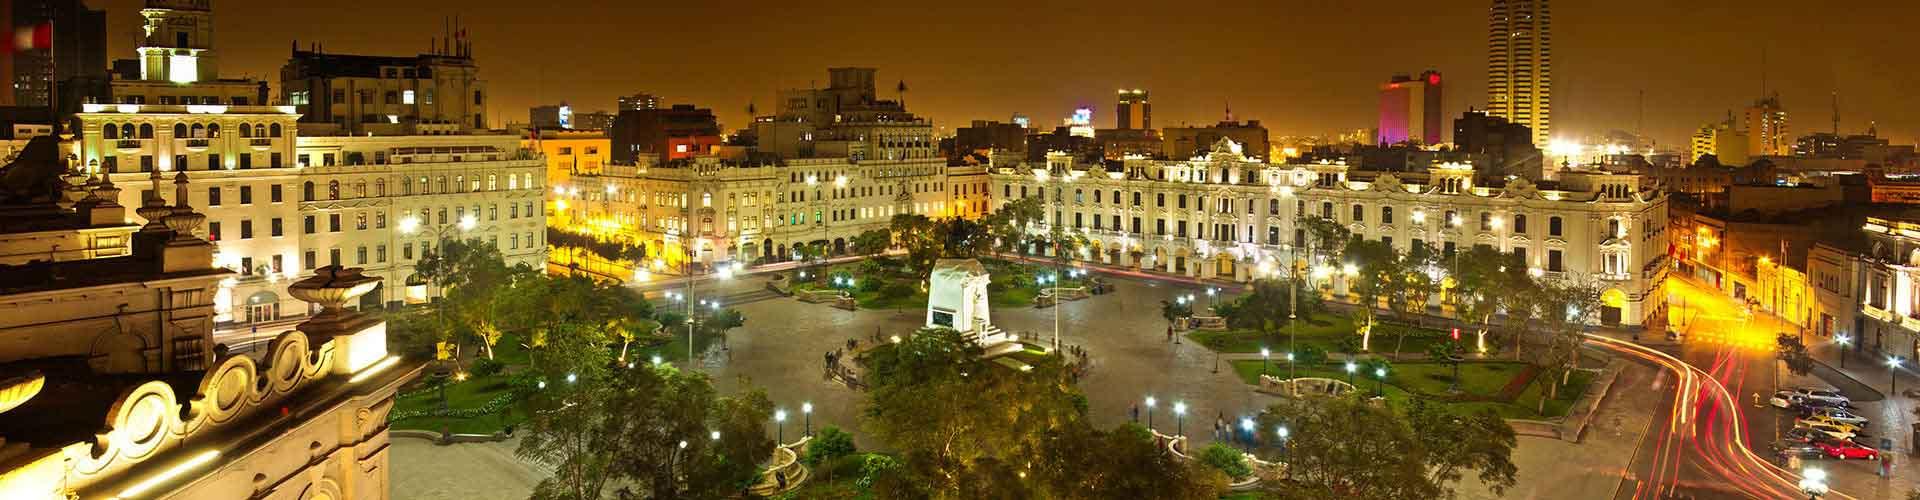 리마 - 리마에 있는 호스텔. 리마의 지도, 리마에 위치한 호스텔 사진 및 후기 정보.